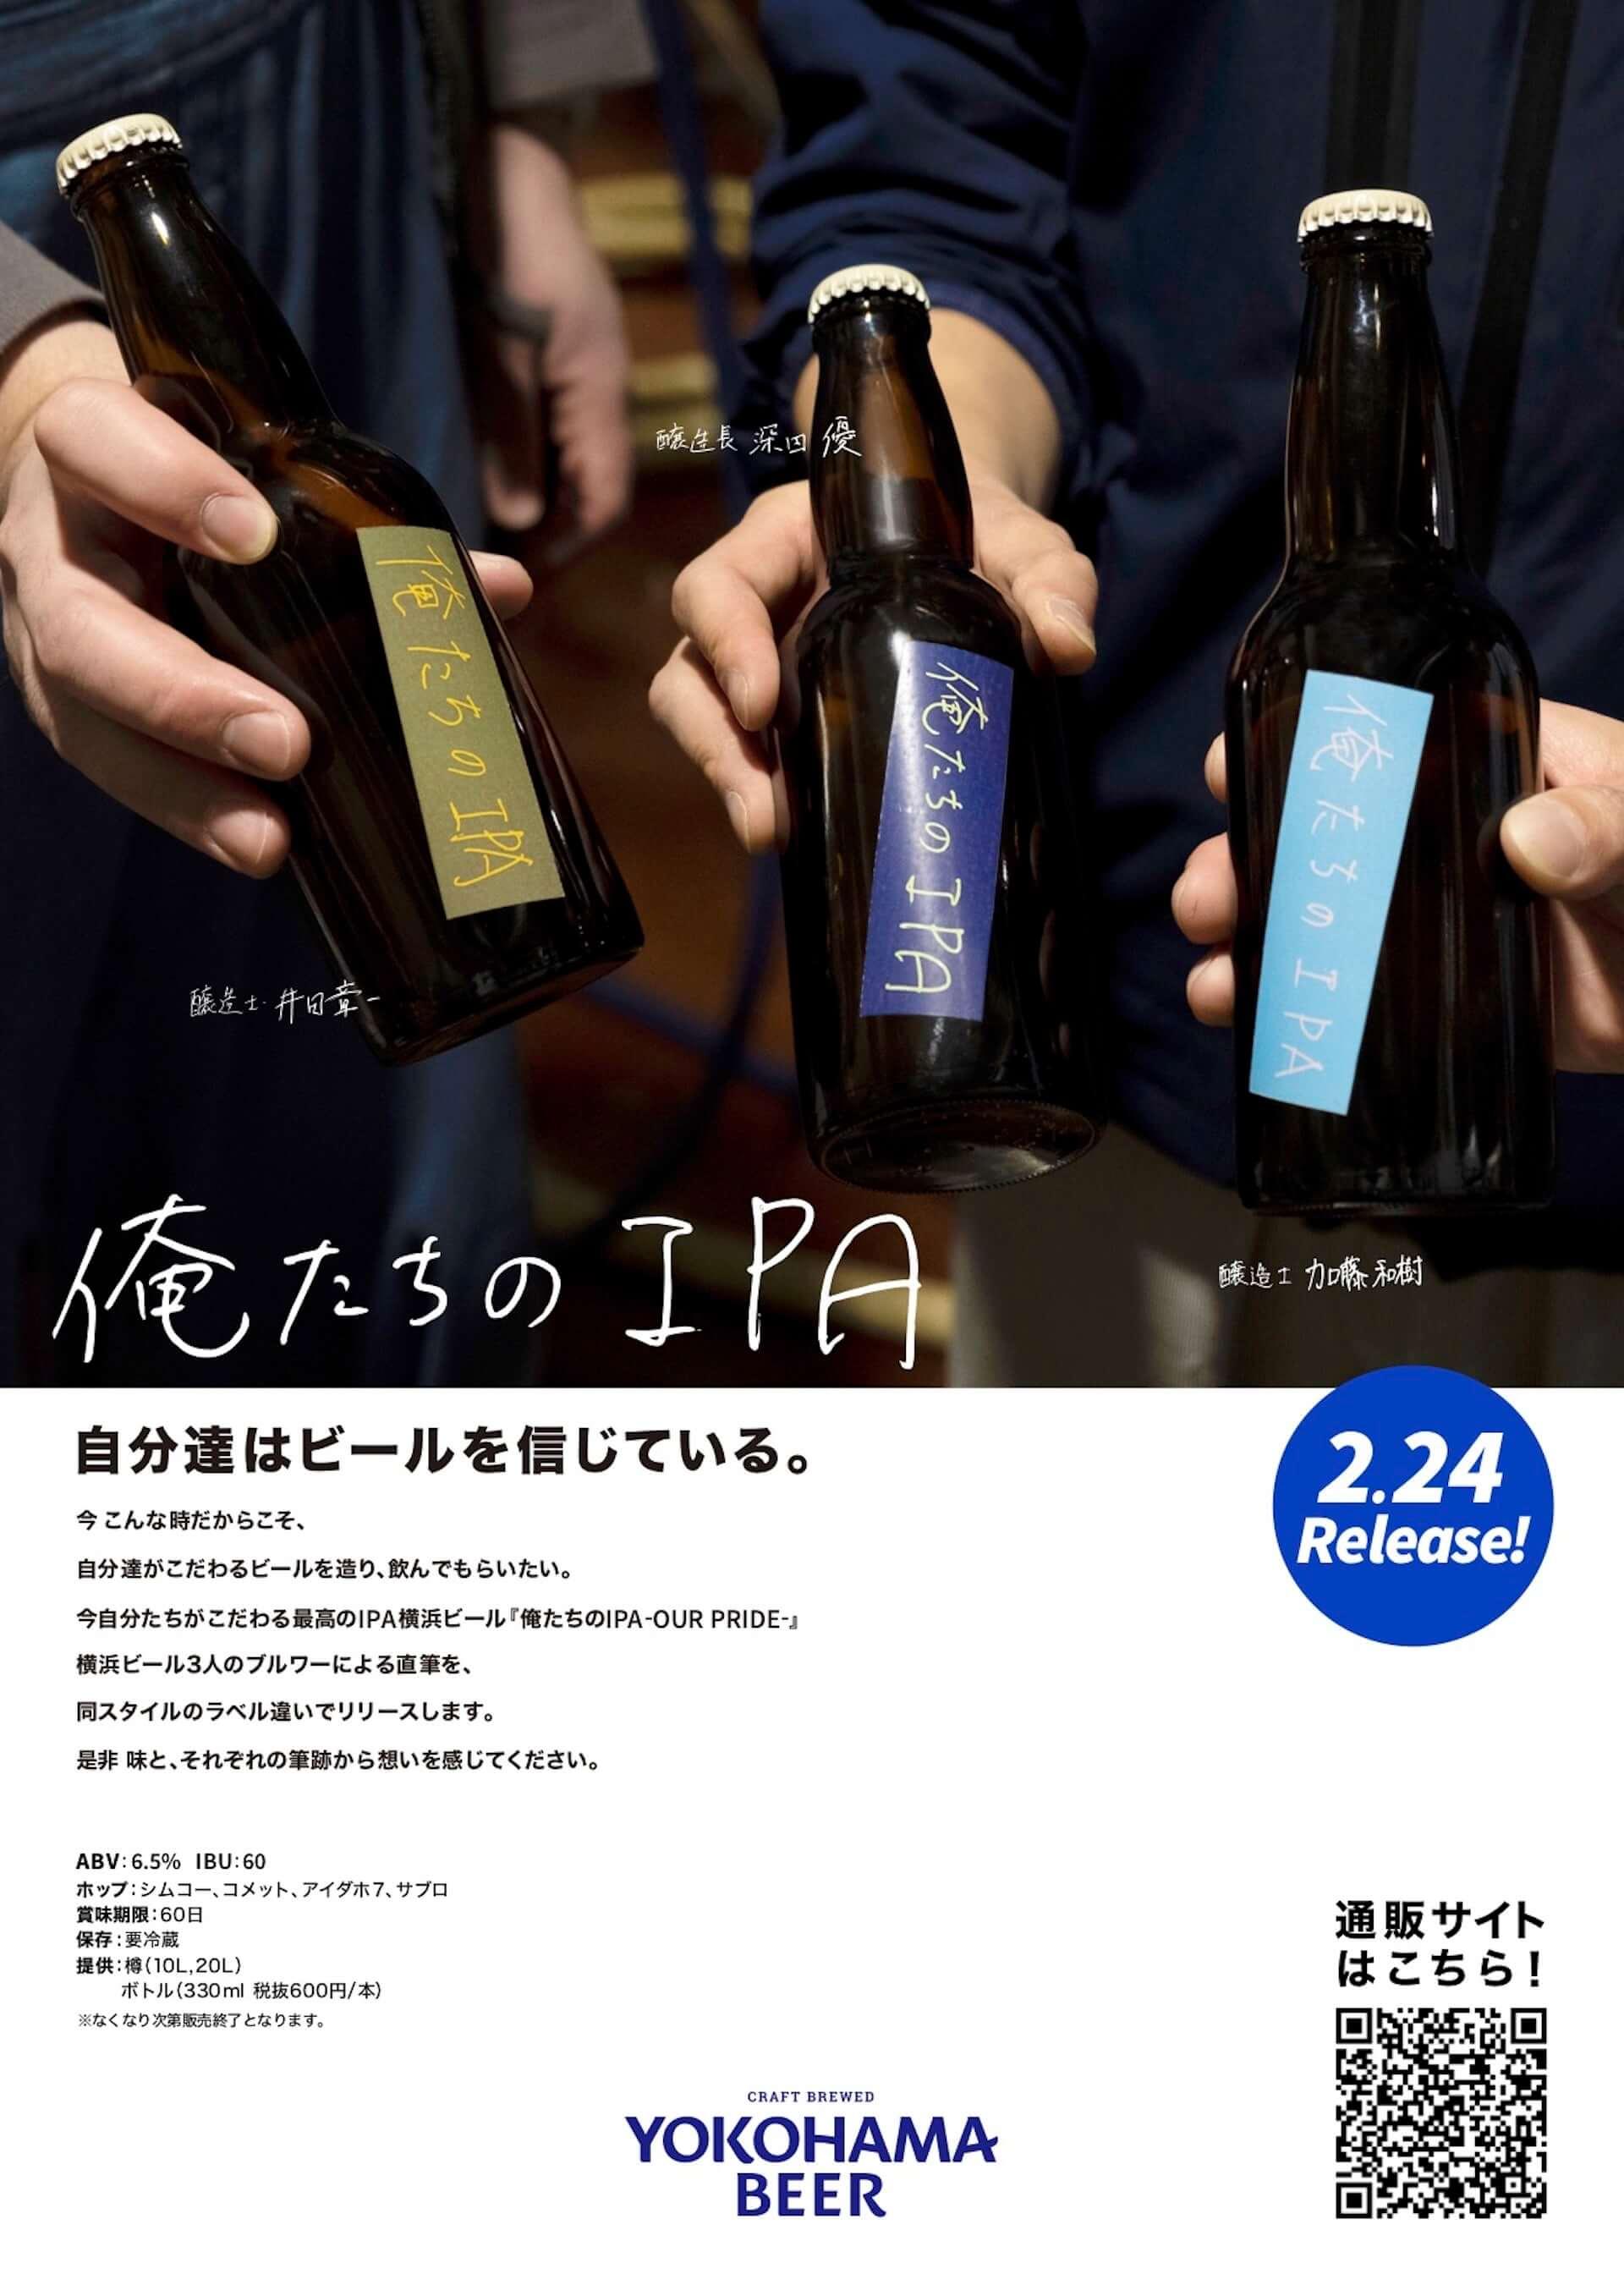 クラフトビールメーカー「横浜ビール」から新商品『俺たちのIPA -OUR PRIDE-』が登場!100セット限定で発売決定 gourmet210216_yokohamabeer_4-1920x2714